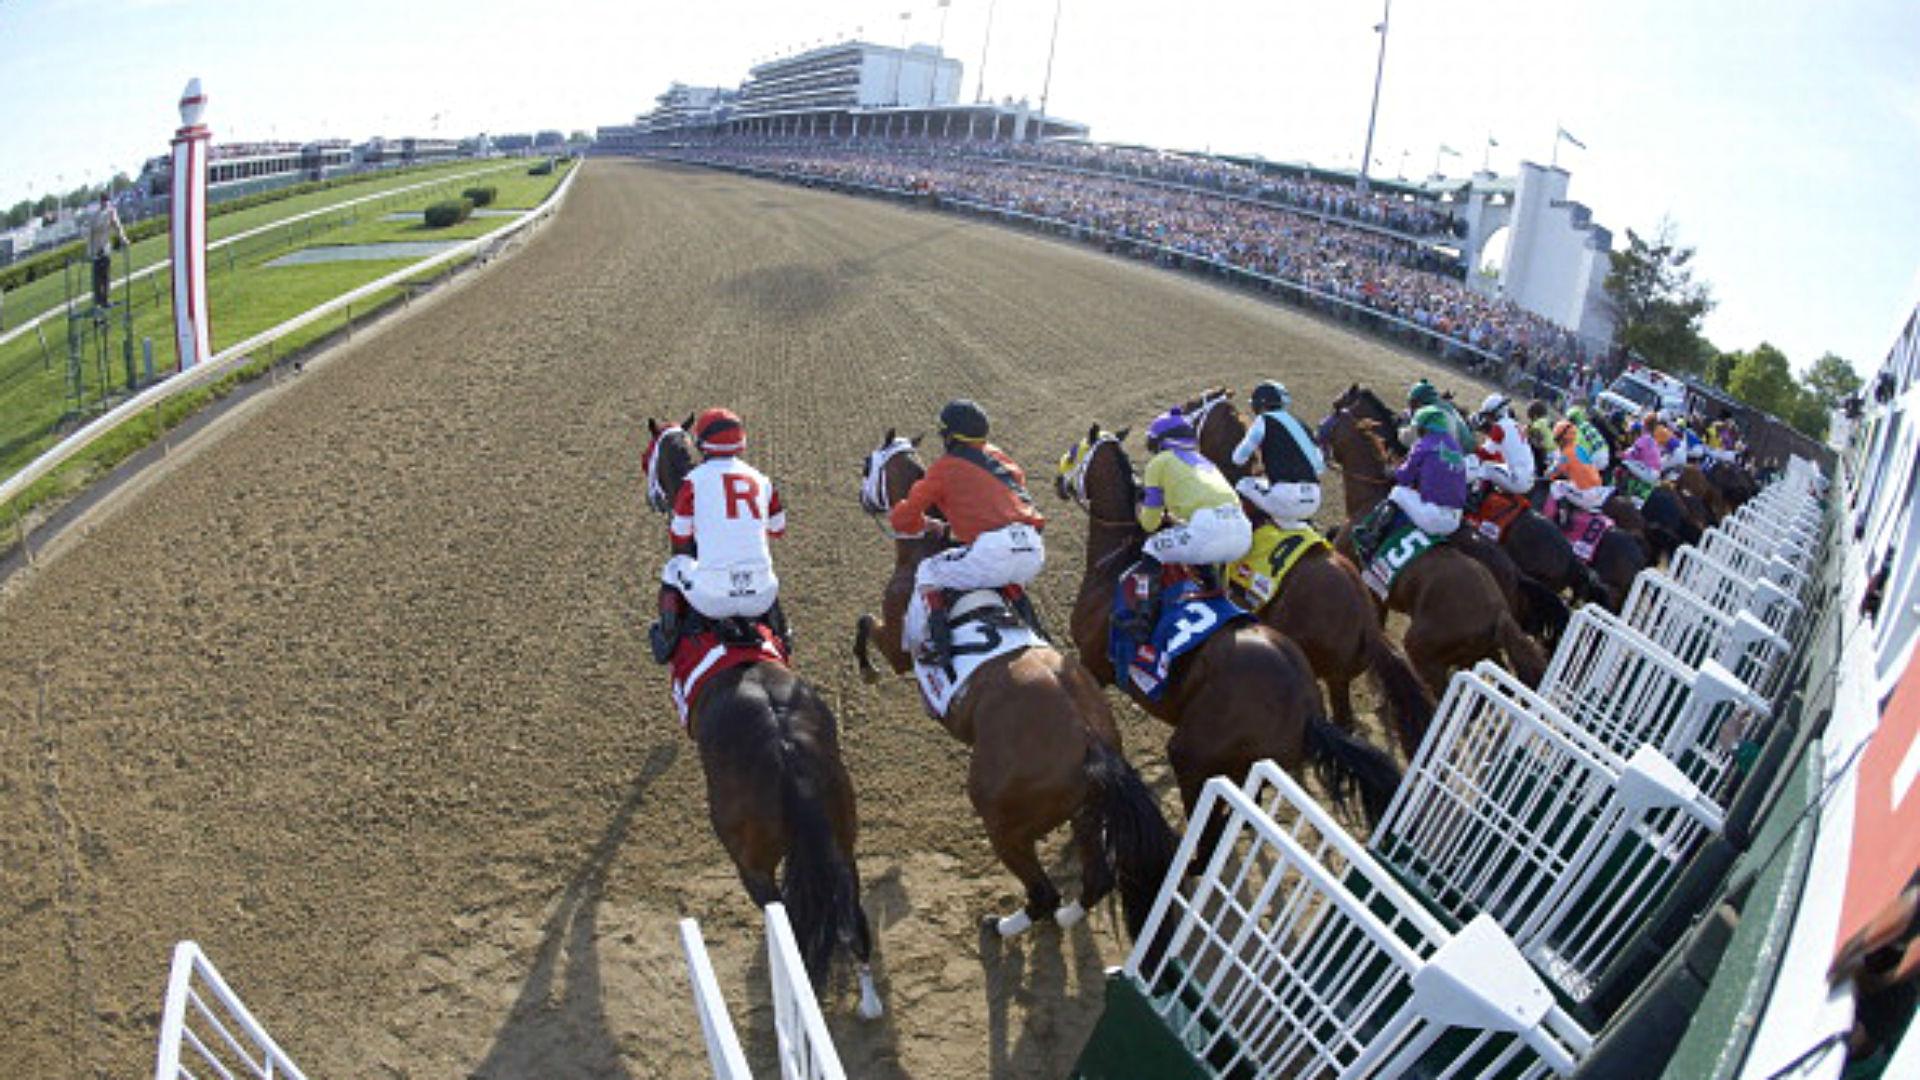 Kentucky-Derby-042915-getty-ftr.jpg